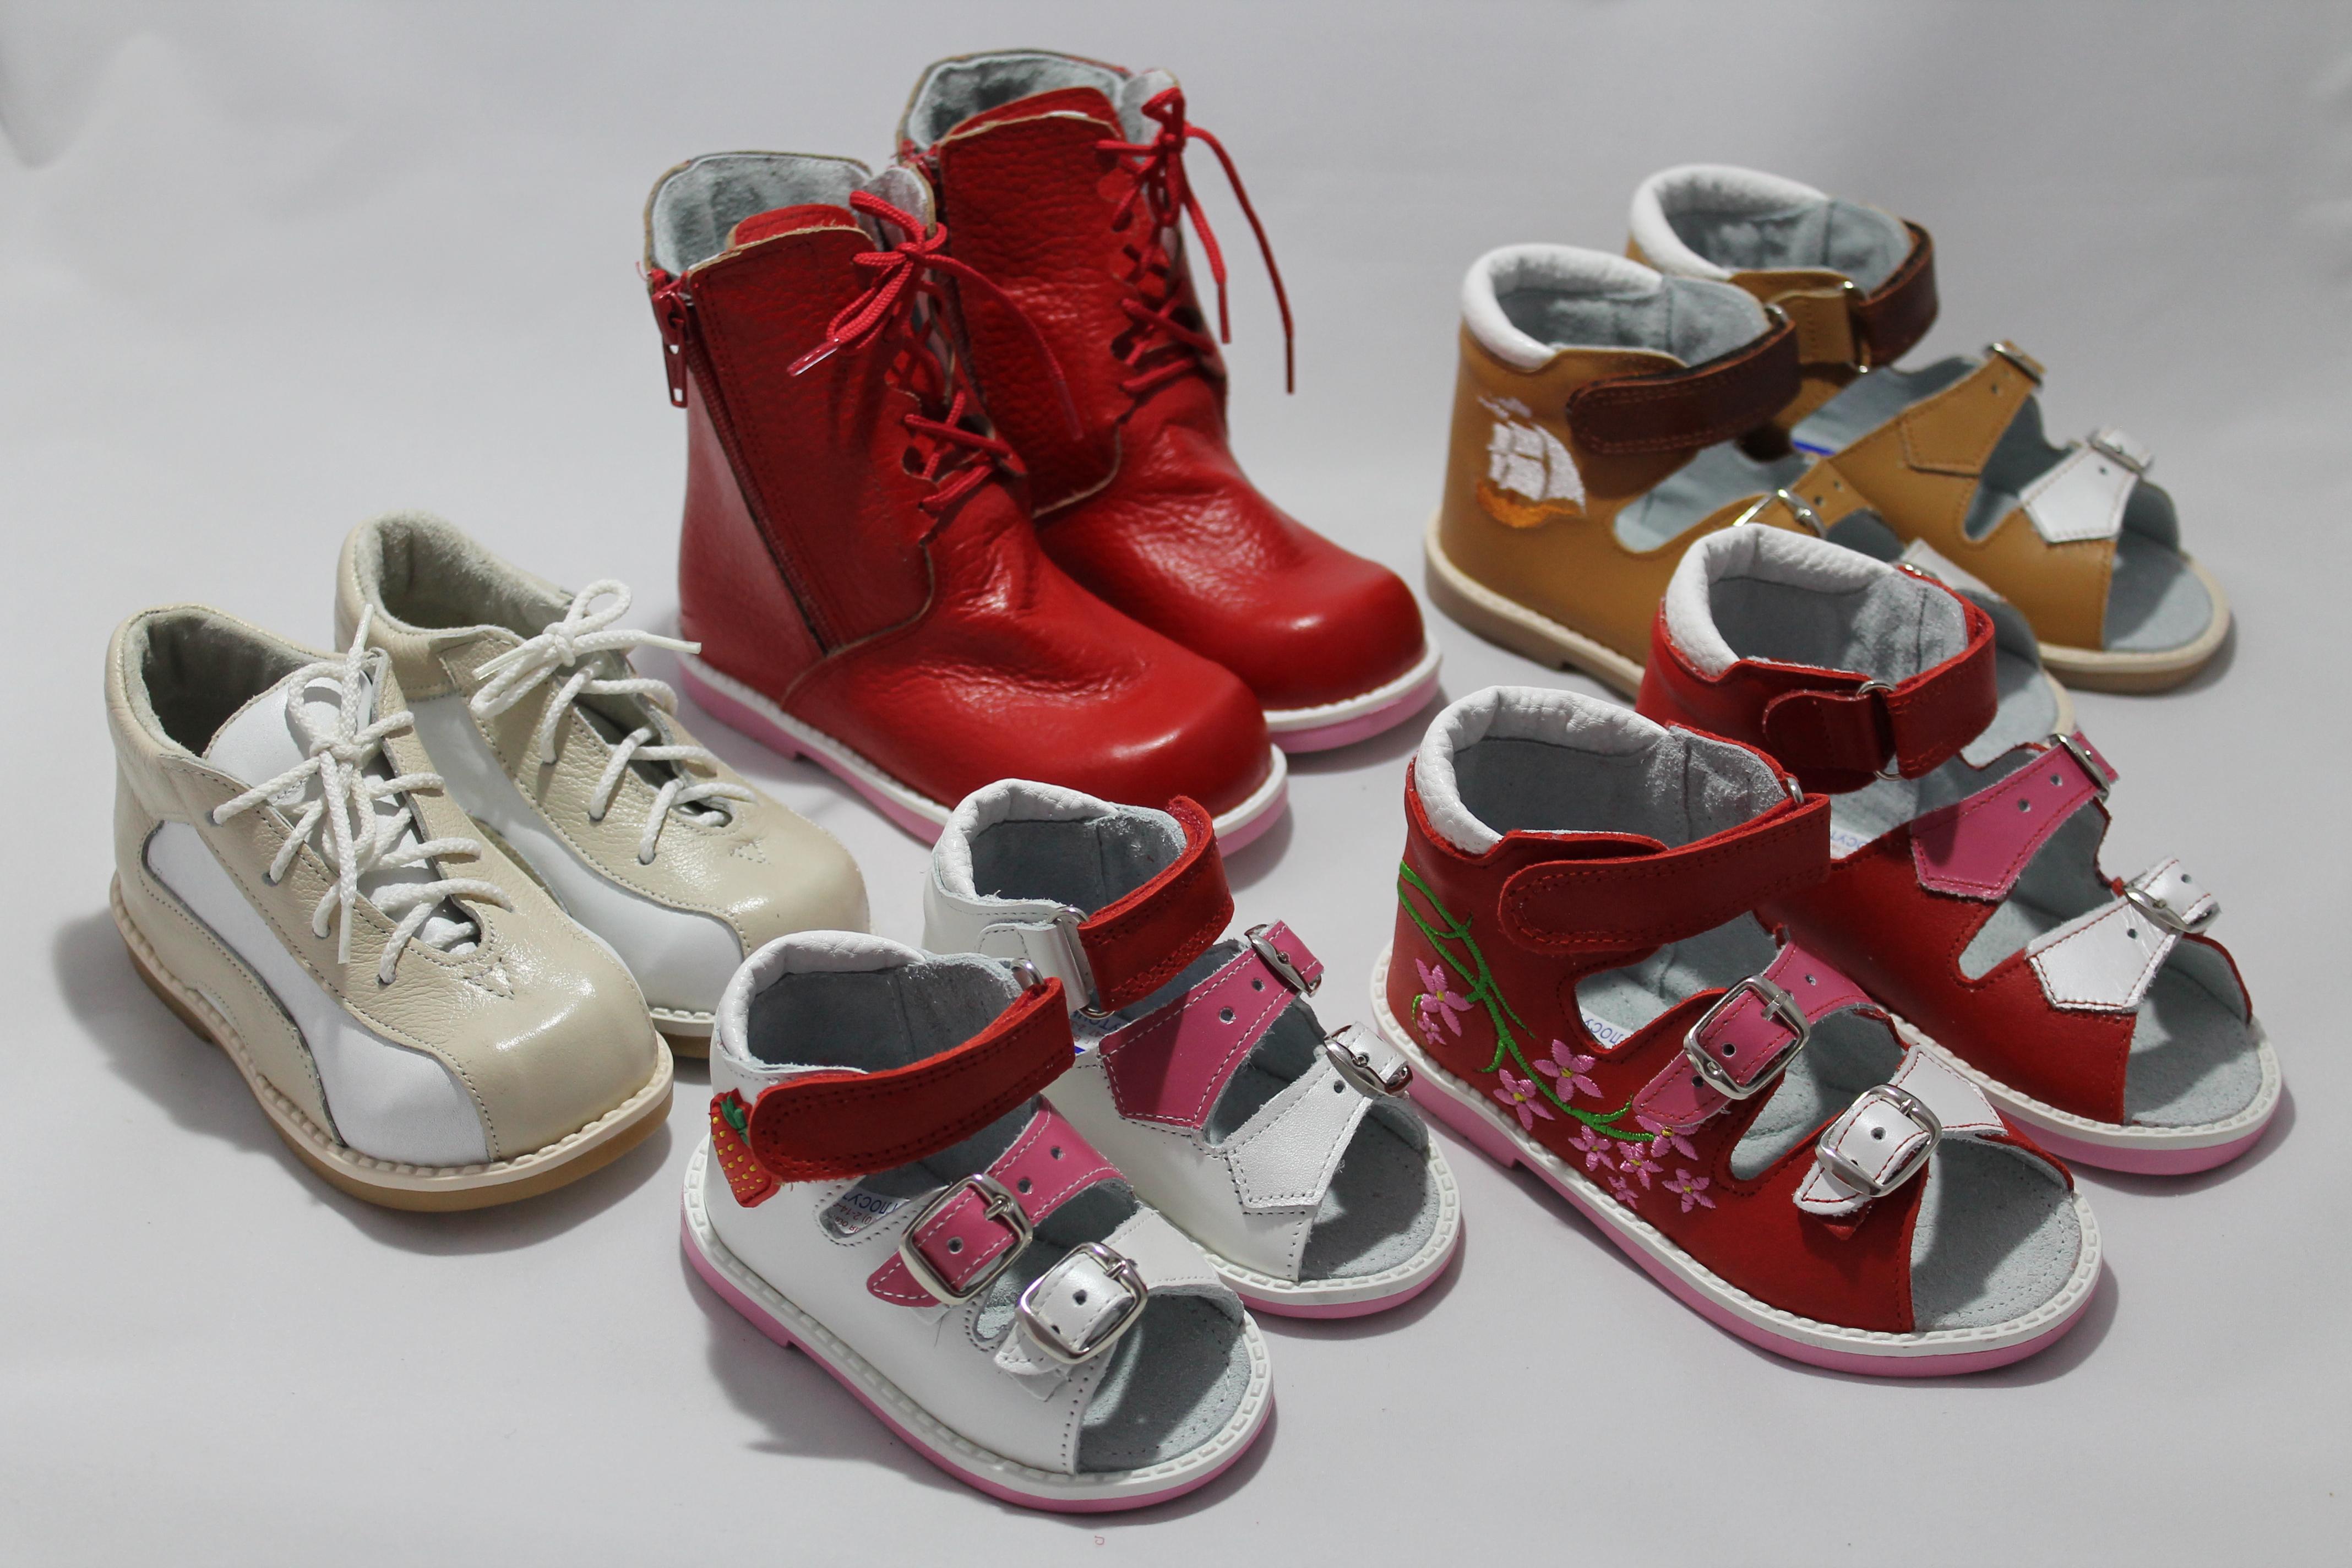 Сбор заказов. Детская Богородская обувная фабрика. Орто-сандалии 790 руб,классика от 200 руб (внутри натур кожа+ ортостелька), ботиночки, чешки, тапочки, пинетки. Без рядов. Консультирую по подбору нужного размера. Выкуп 13